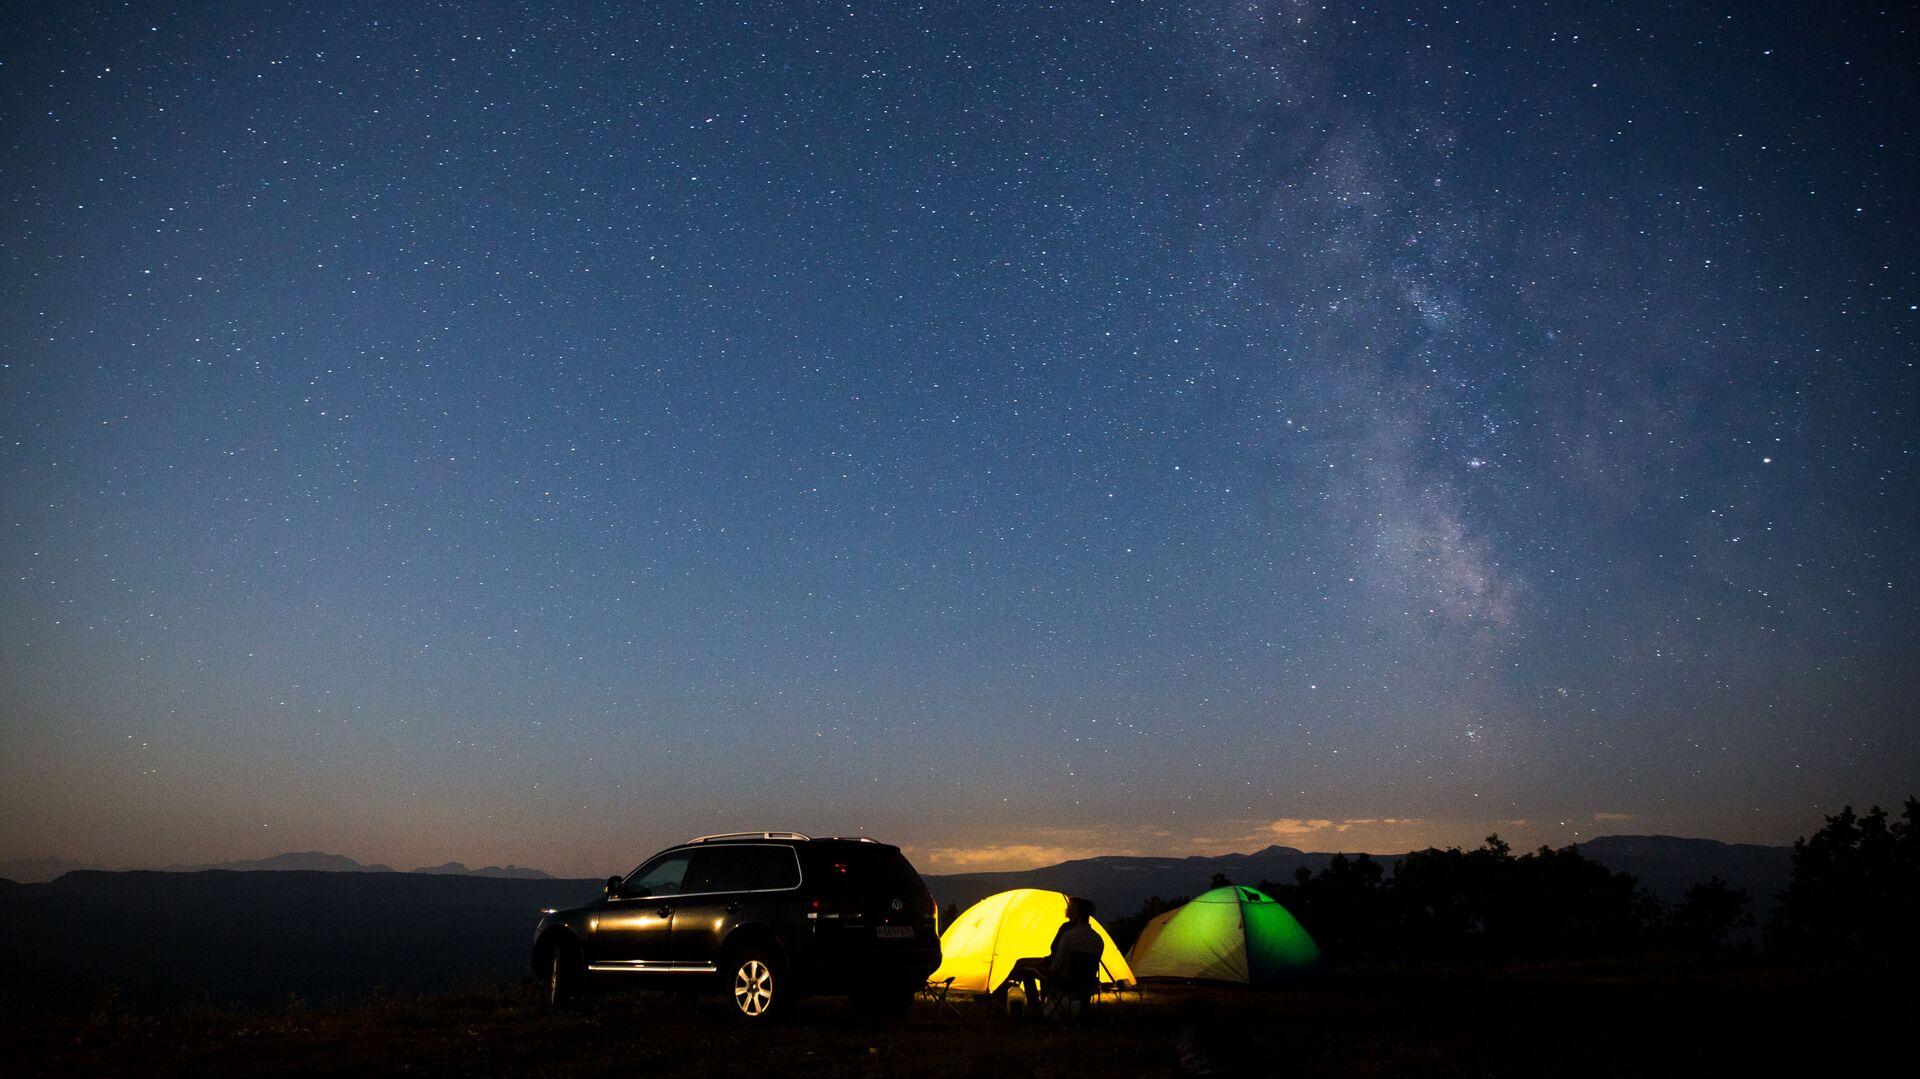 Звездное небо, наблюдаемое в Краснодарском крае во время метеорного потока Персеиды - Sputnik Грузия, 1920, 09.09.2021